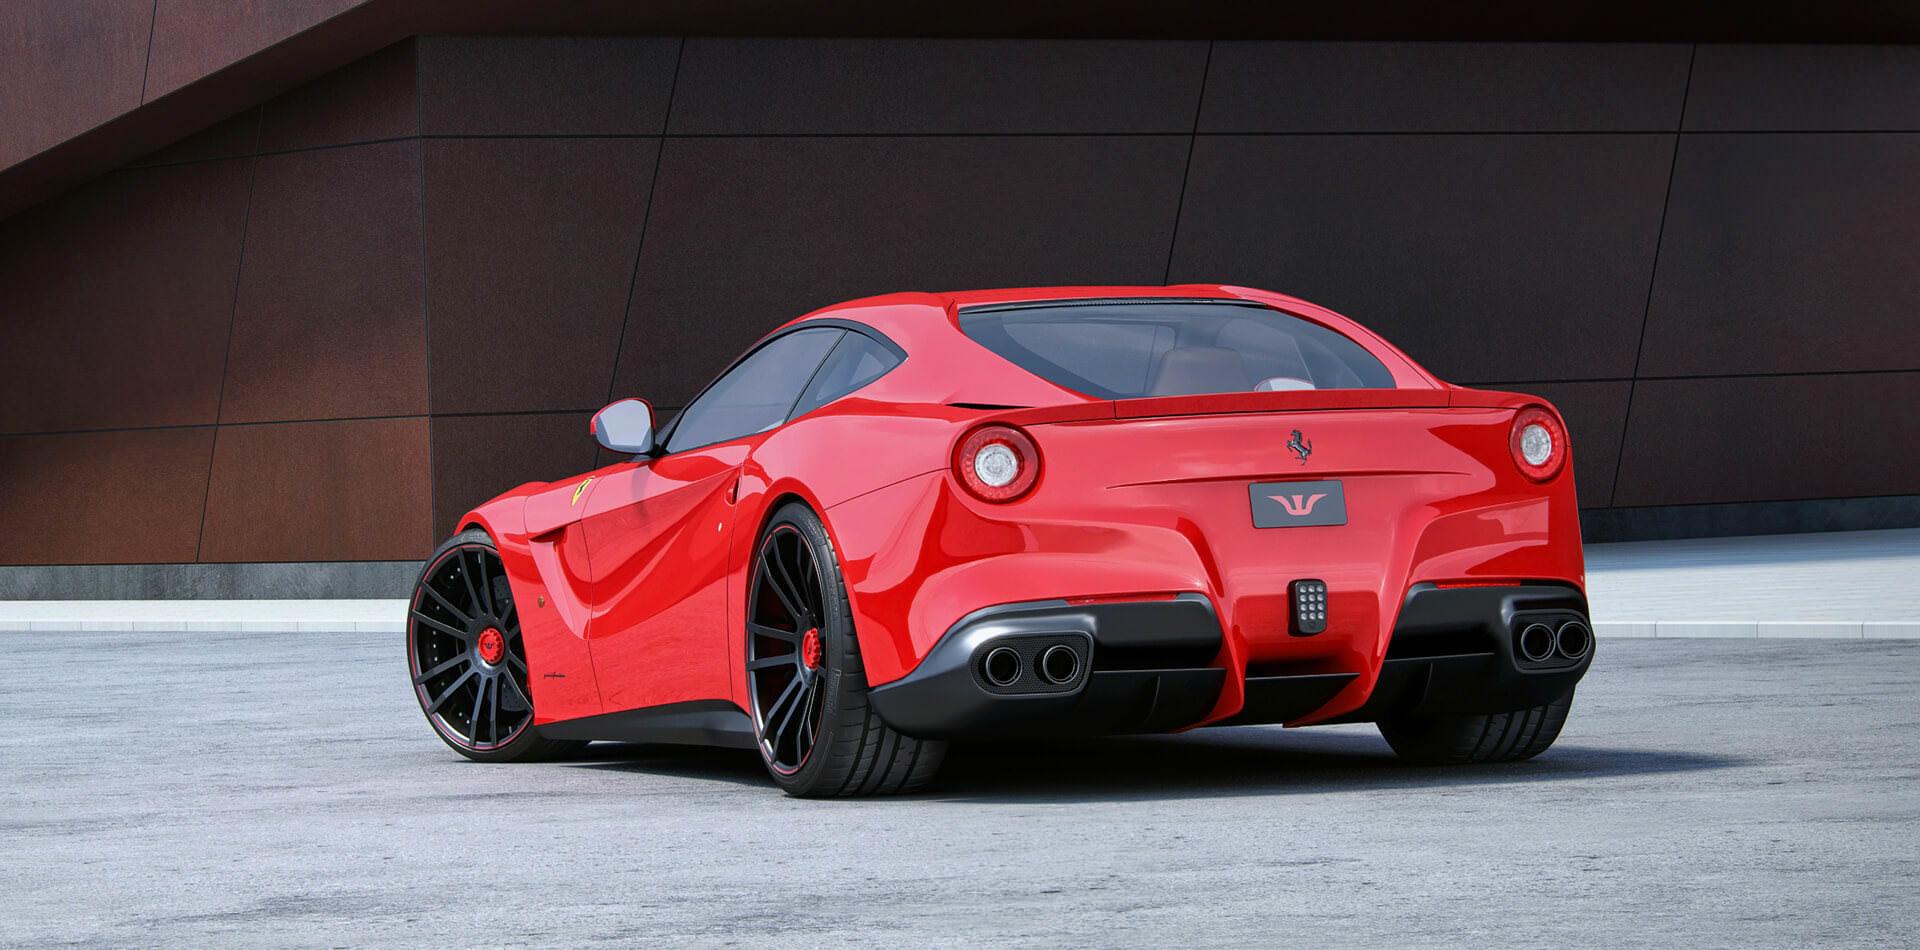 Leistungssteigerung_F12_Ferrari